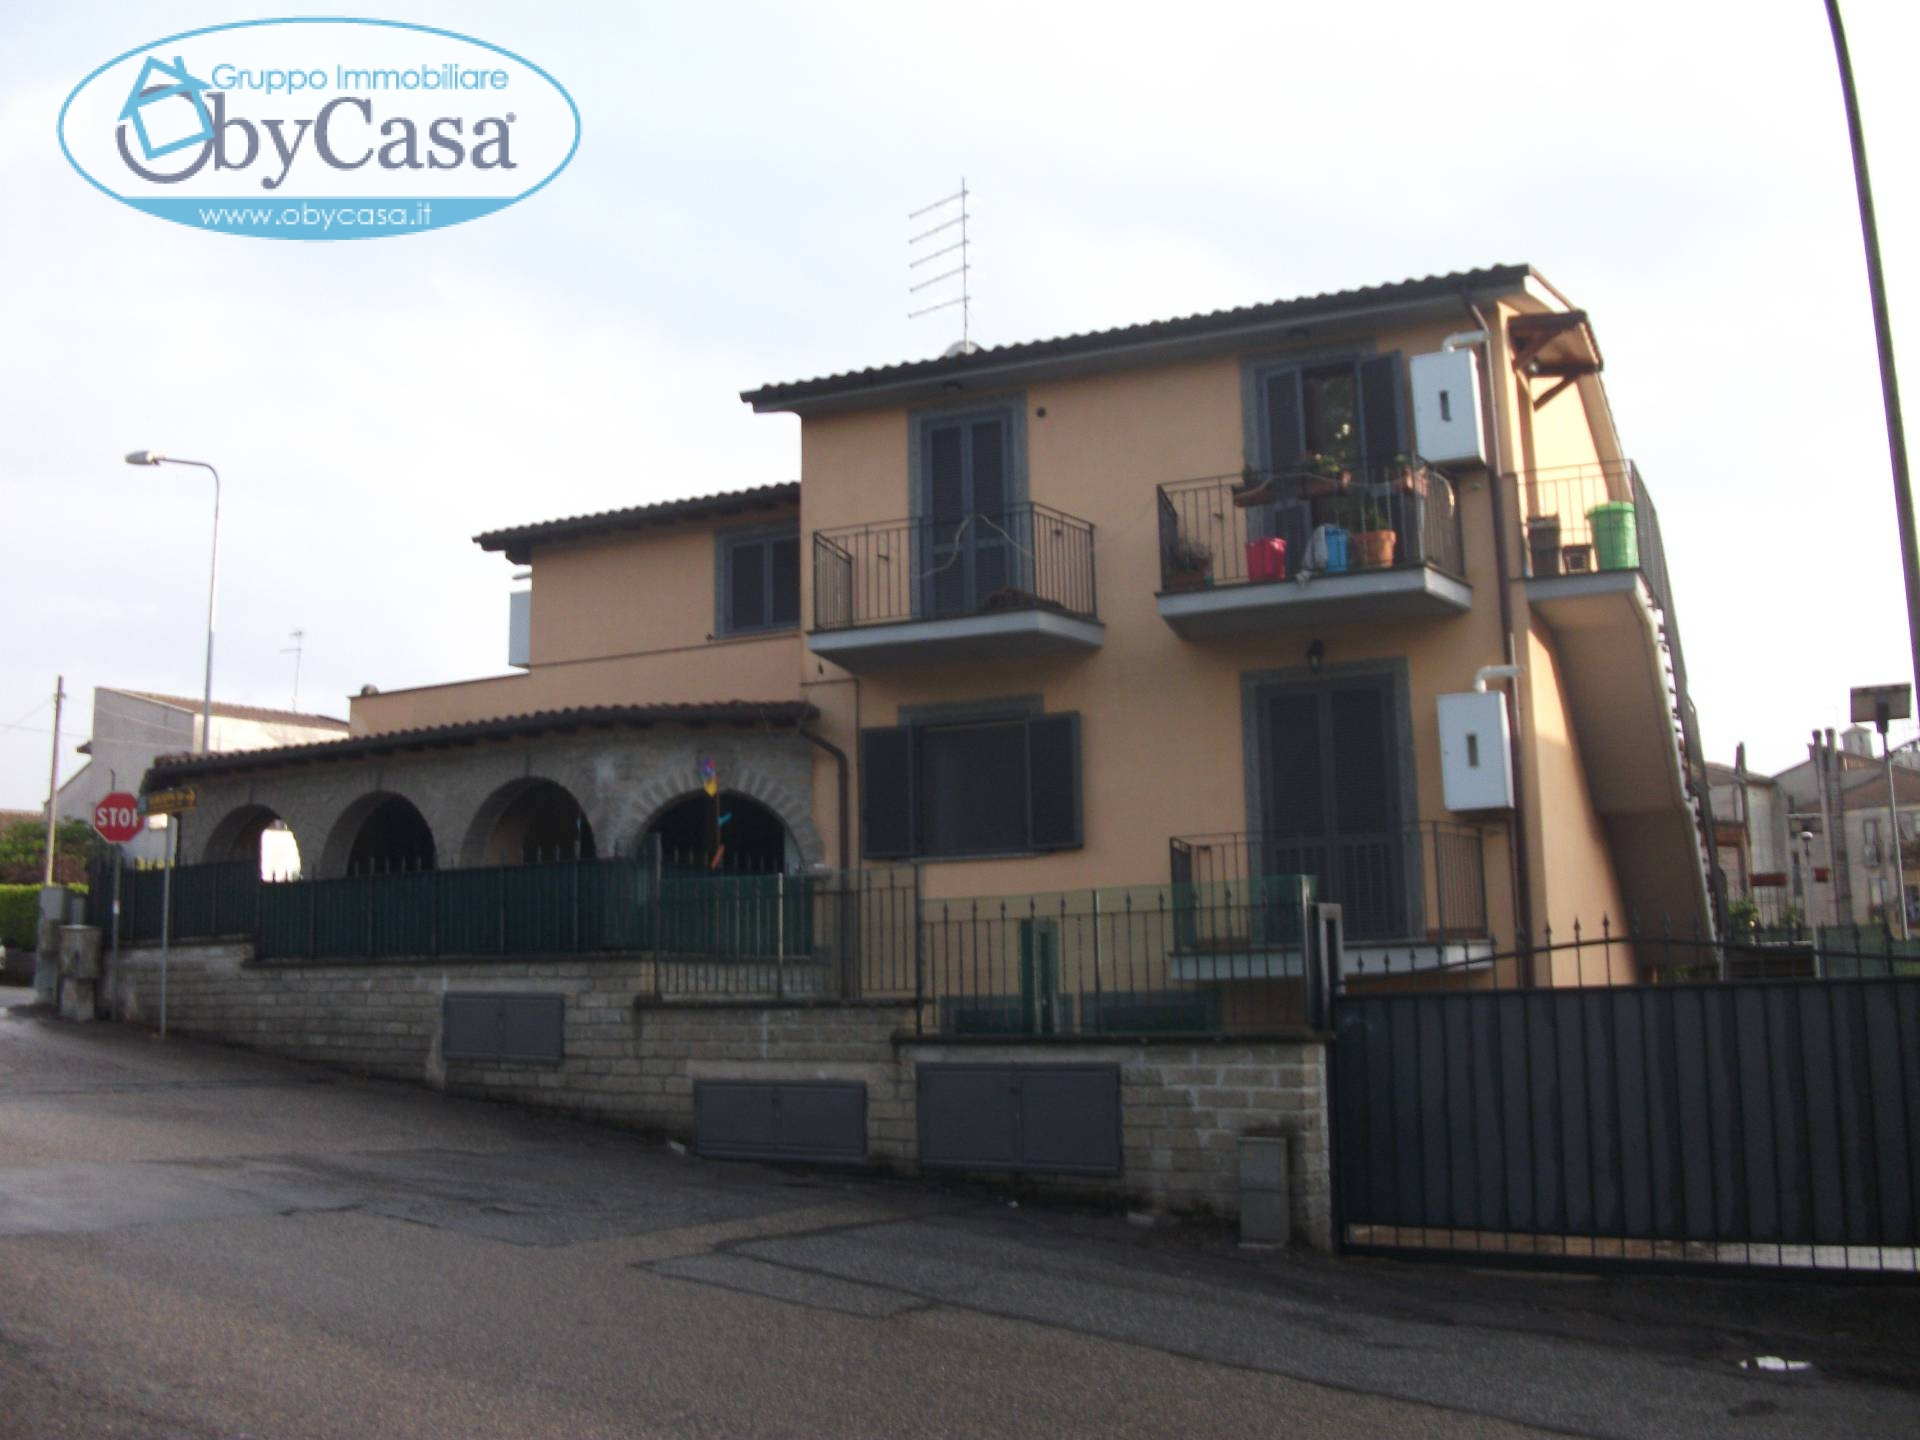 Soluzione Semindipendente in vendita a Oriolo Romano, 3 locali, prezzo € 140.000   CambioCasa.it